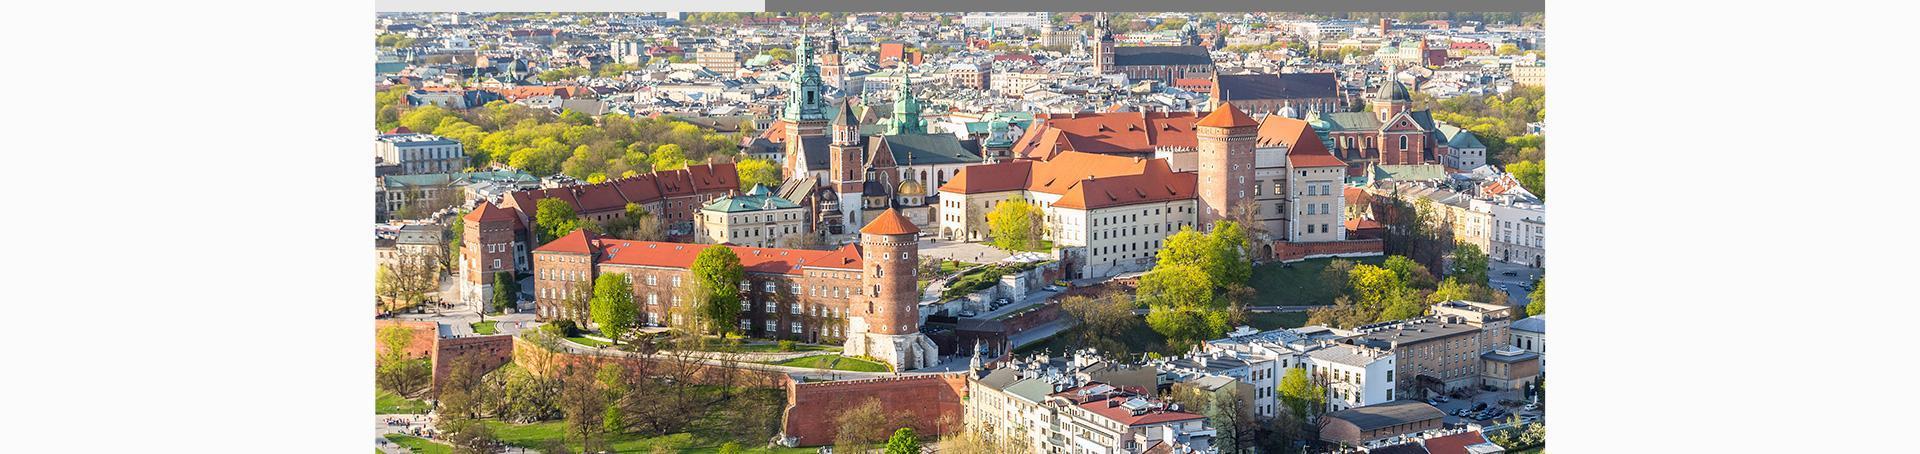 Kancelaria notarialna w Krakowie